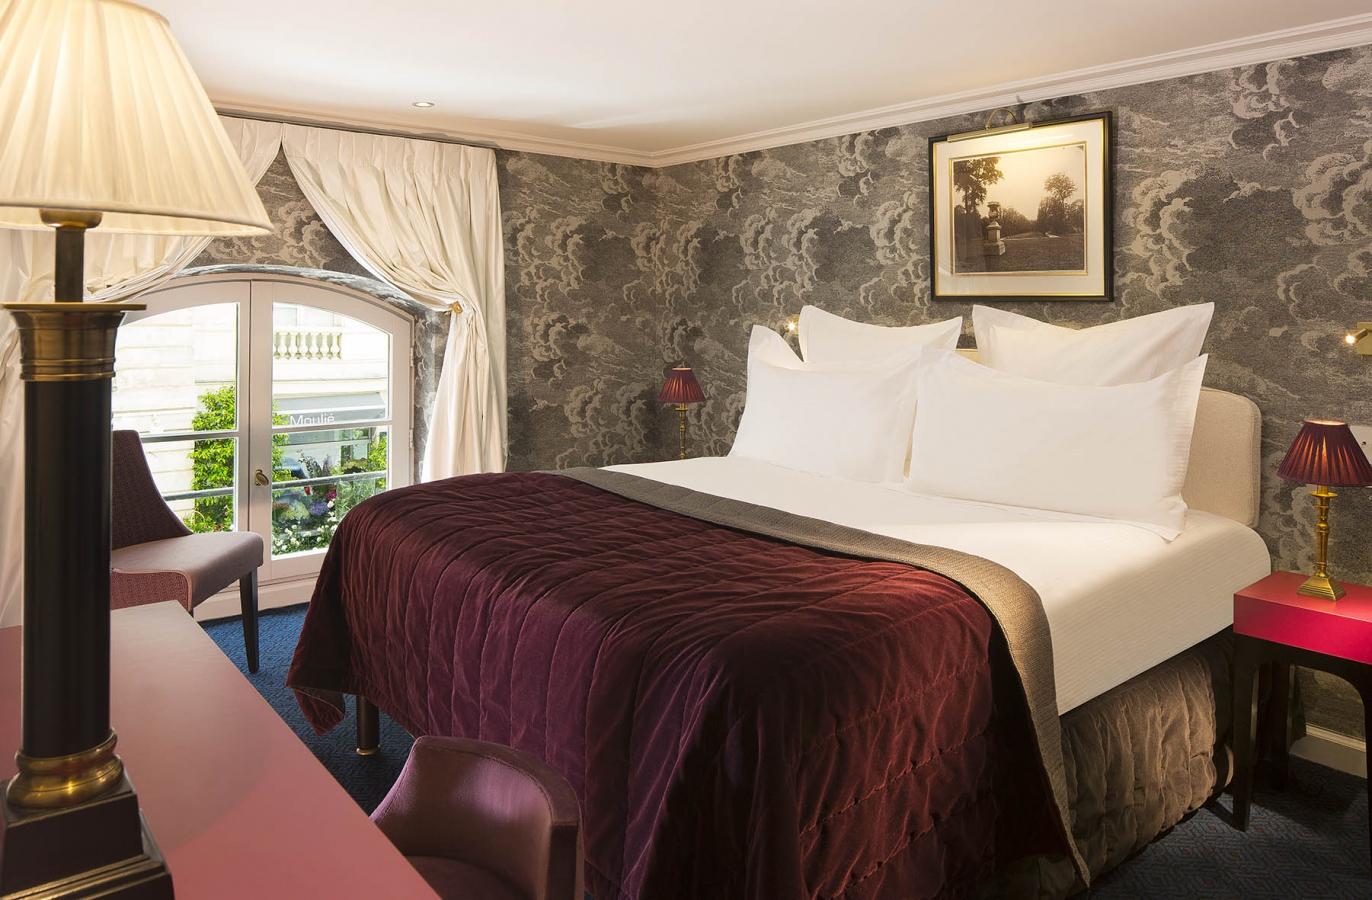 H tels montana derni re minute for Hotel prix derniere minute